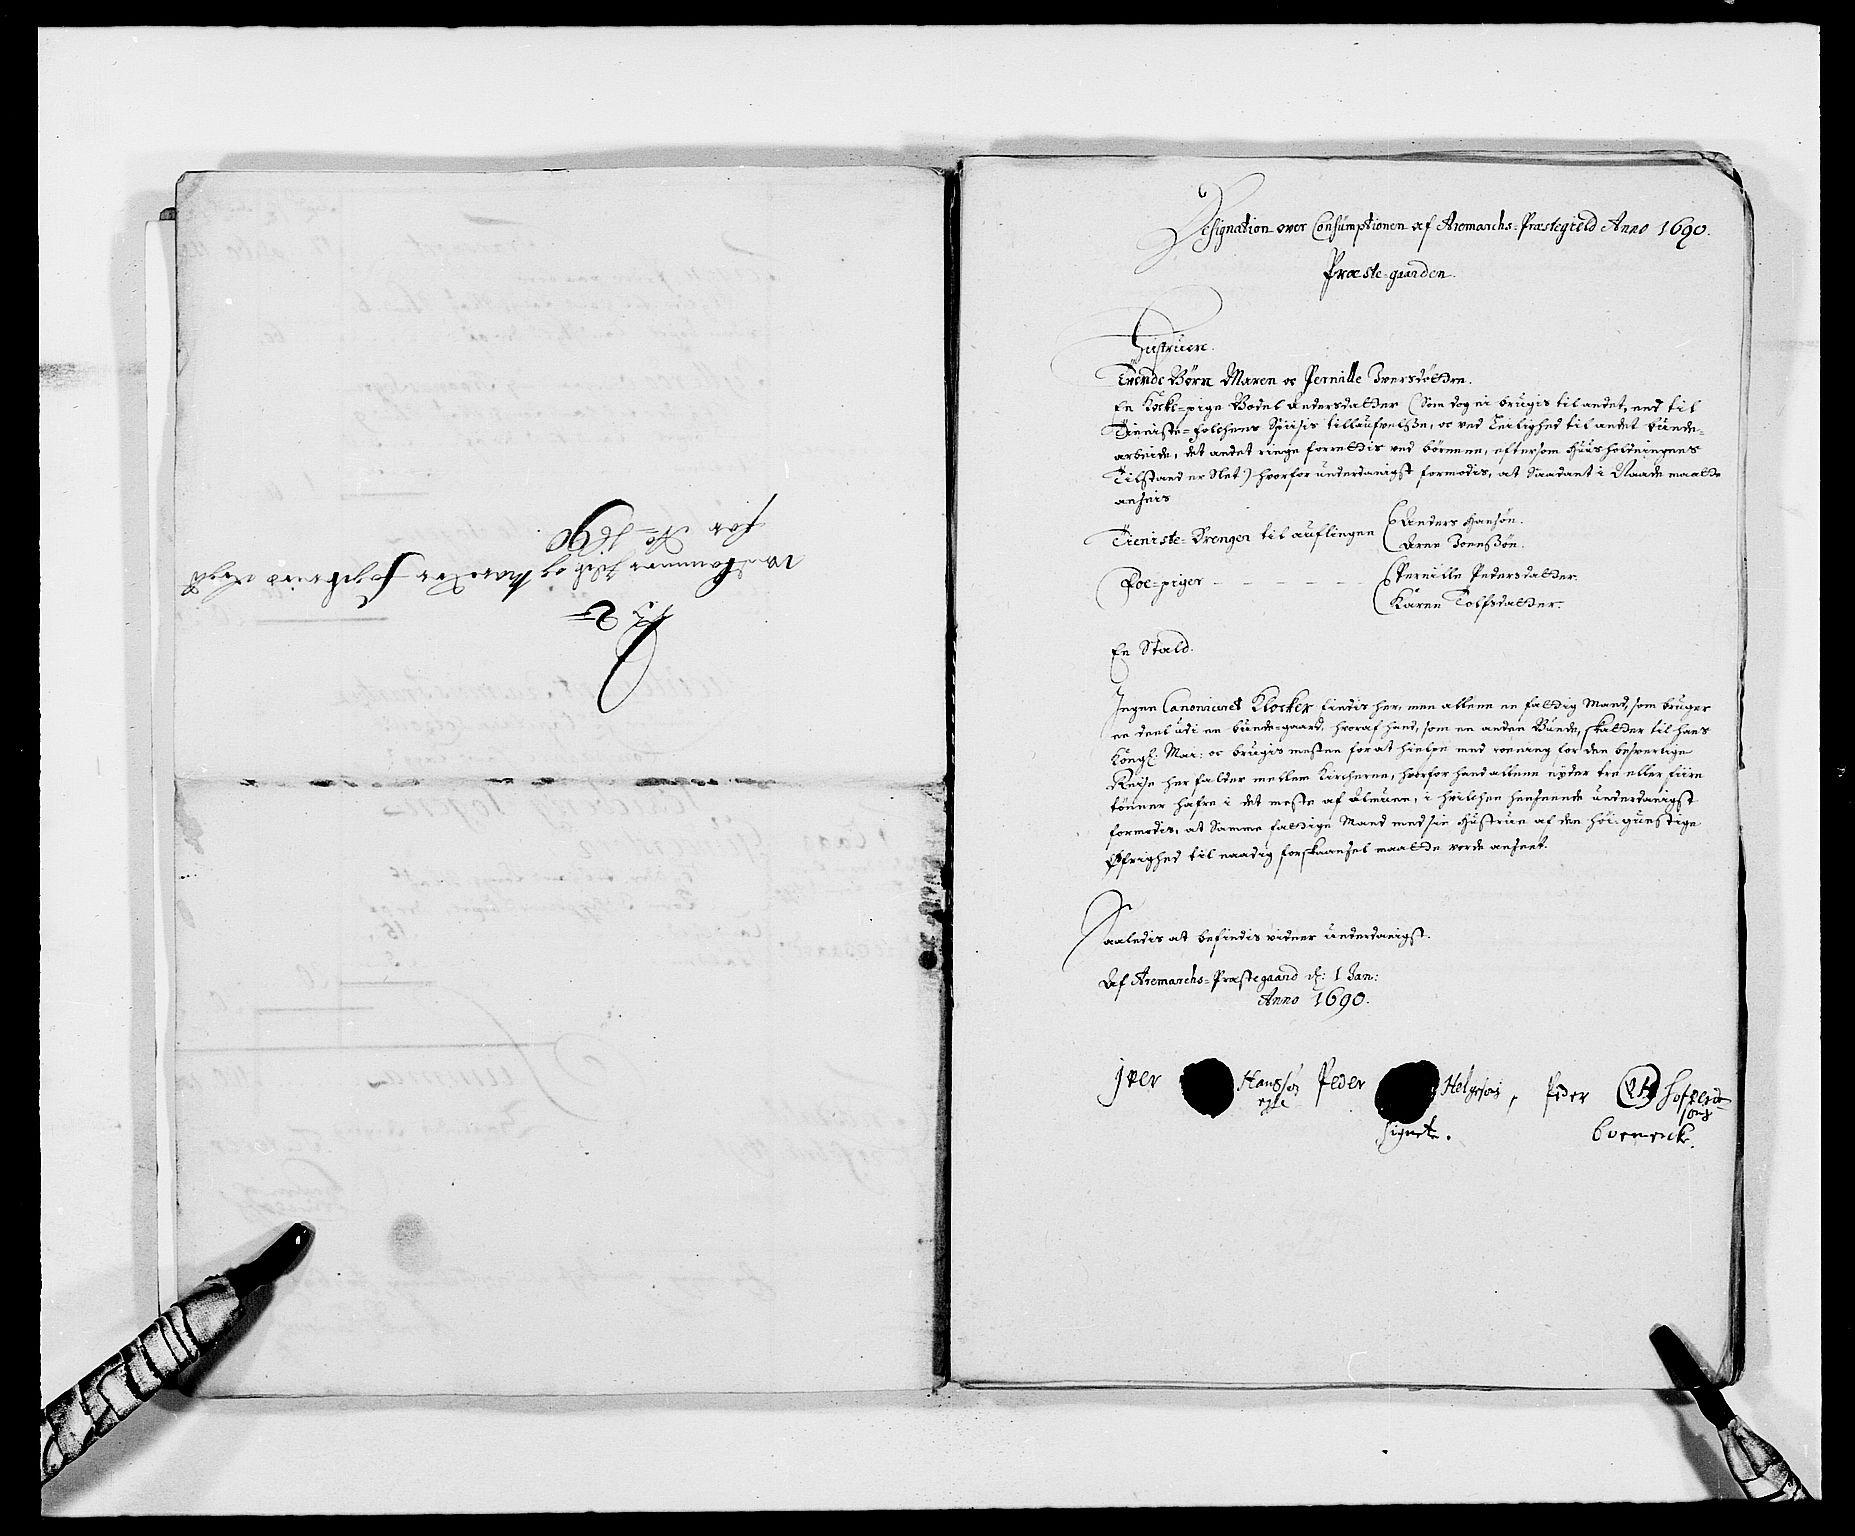 RA, Rentekammeret inntil 1814, Reviderte regnskaper, Fogderegnskap, R01/L0010: Fogderegnskap Idd og Marker, 1690-1691, s. 48